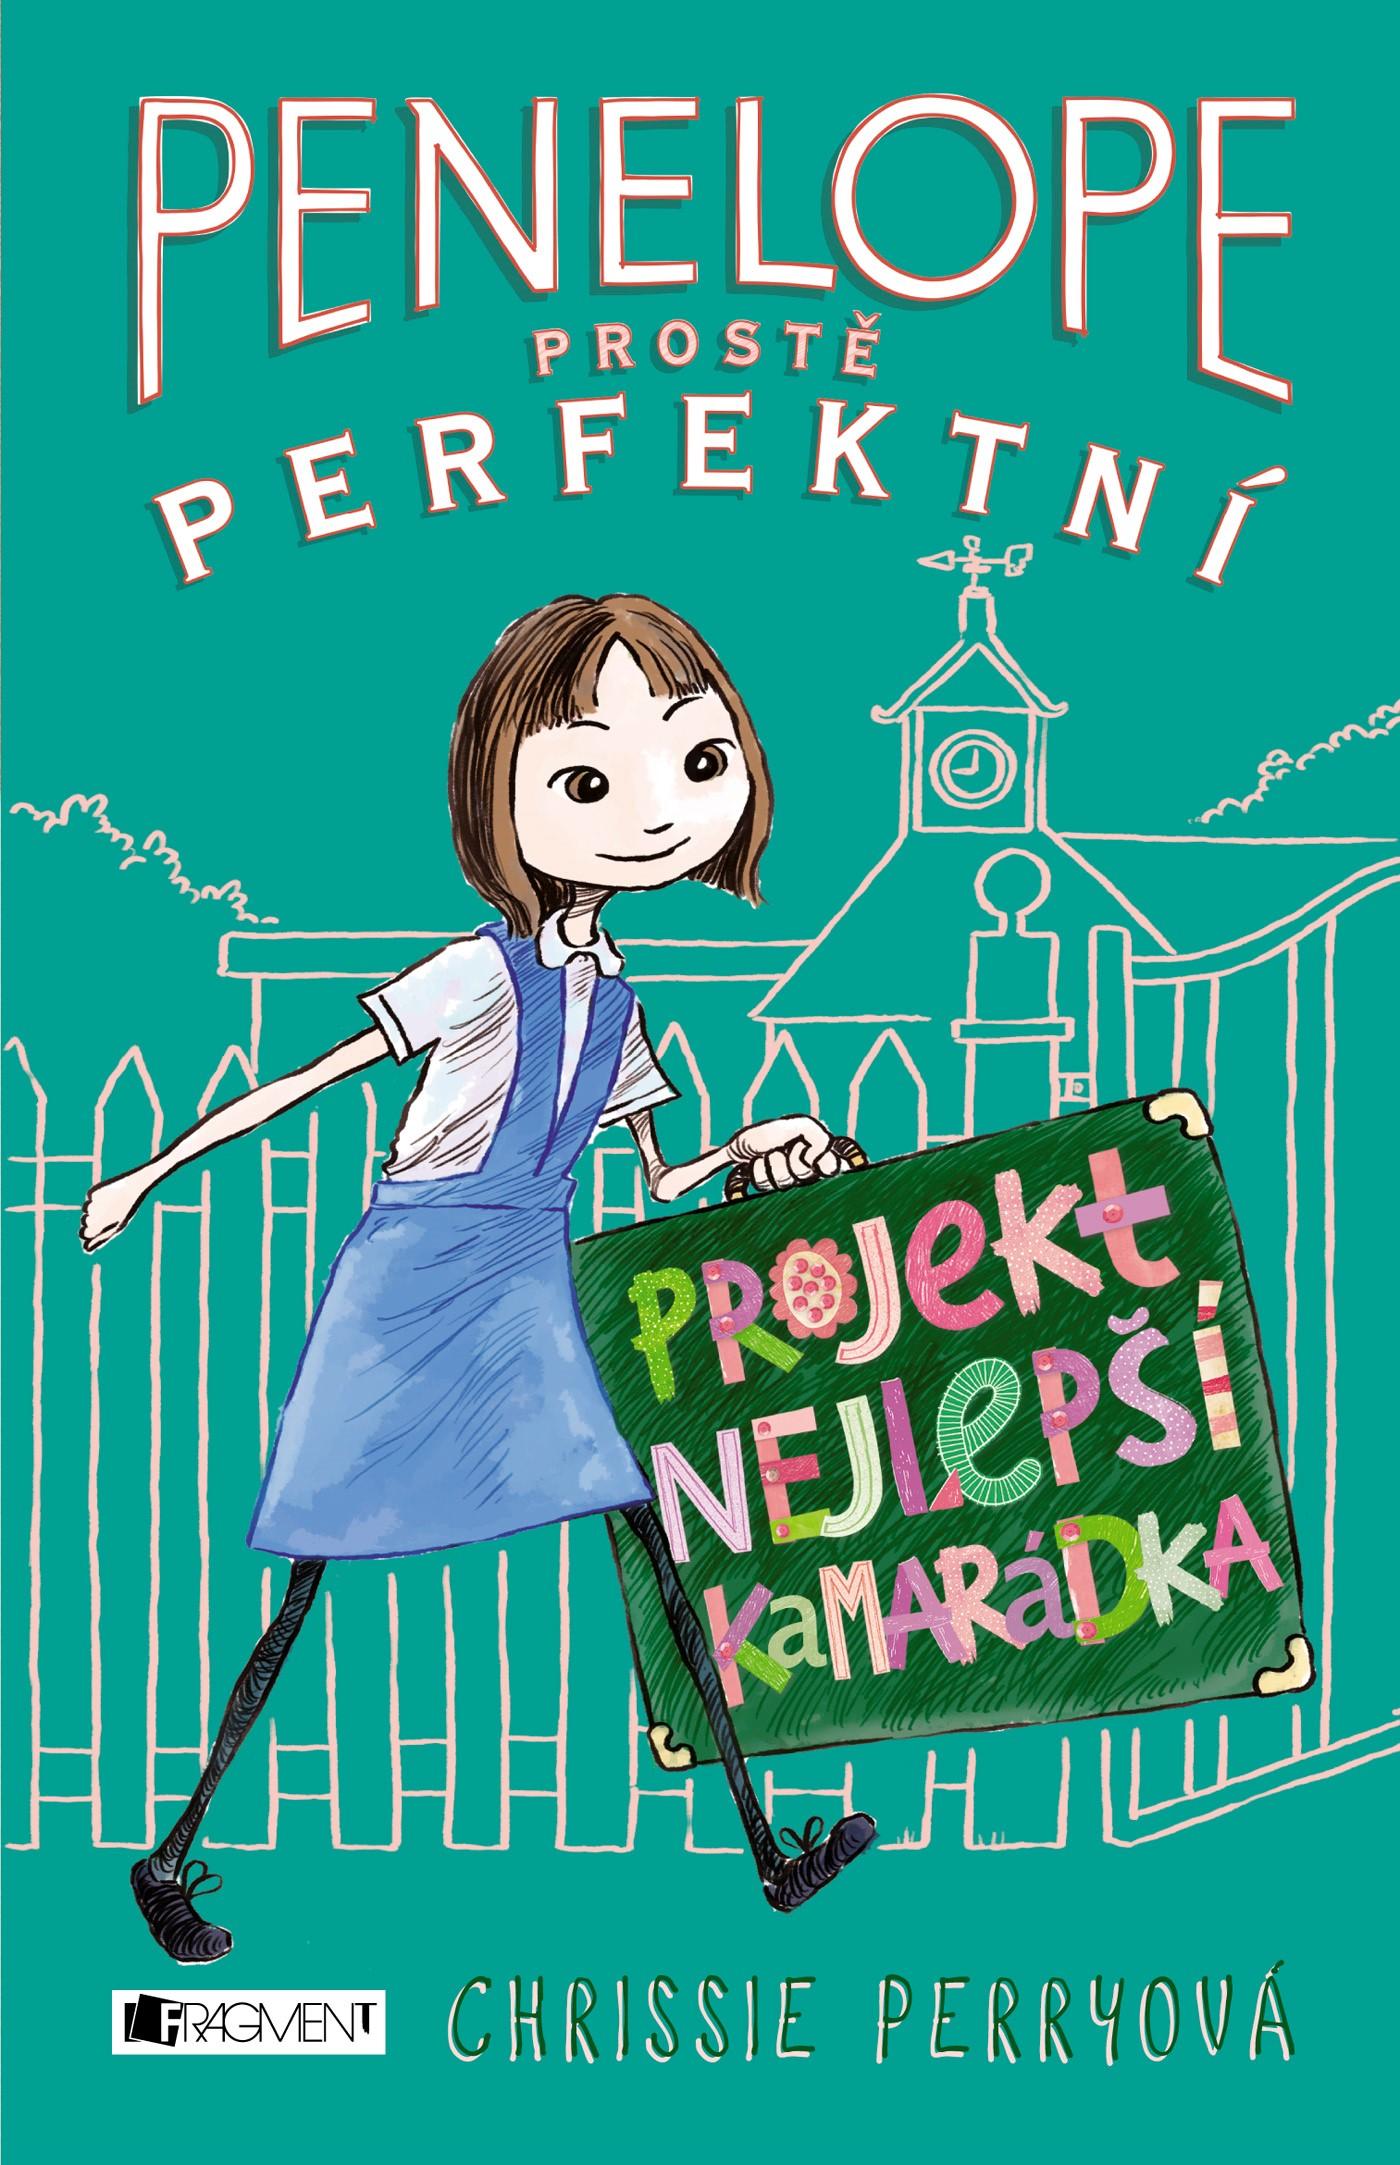 Penelope - prostě perfektní: Projekt Nejlepší kamarádka | Chrissie Perryová